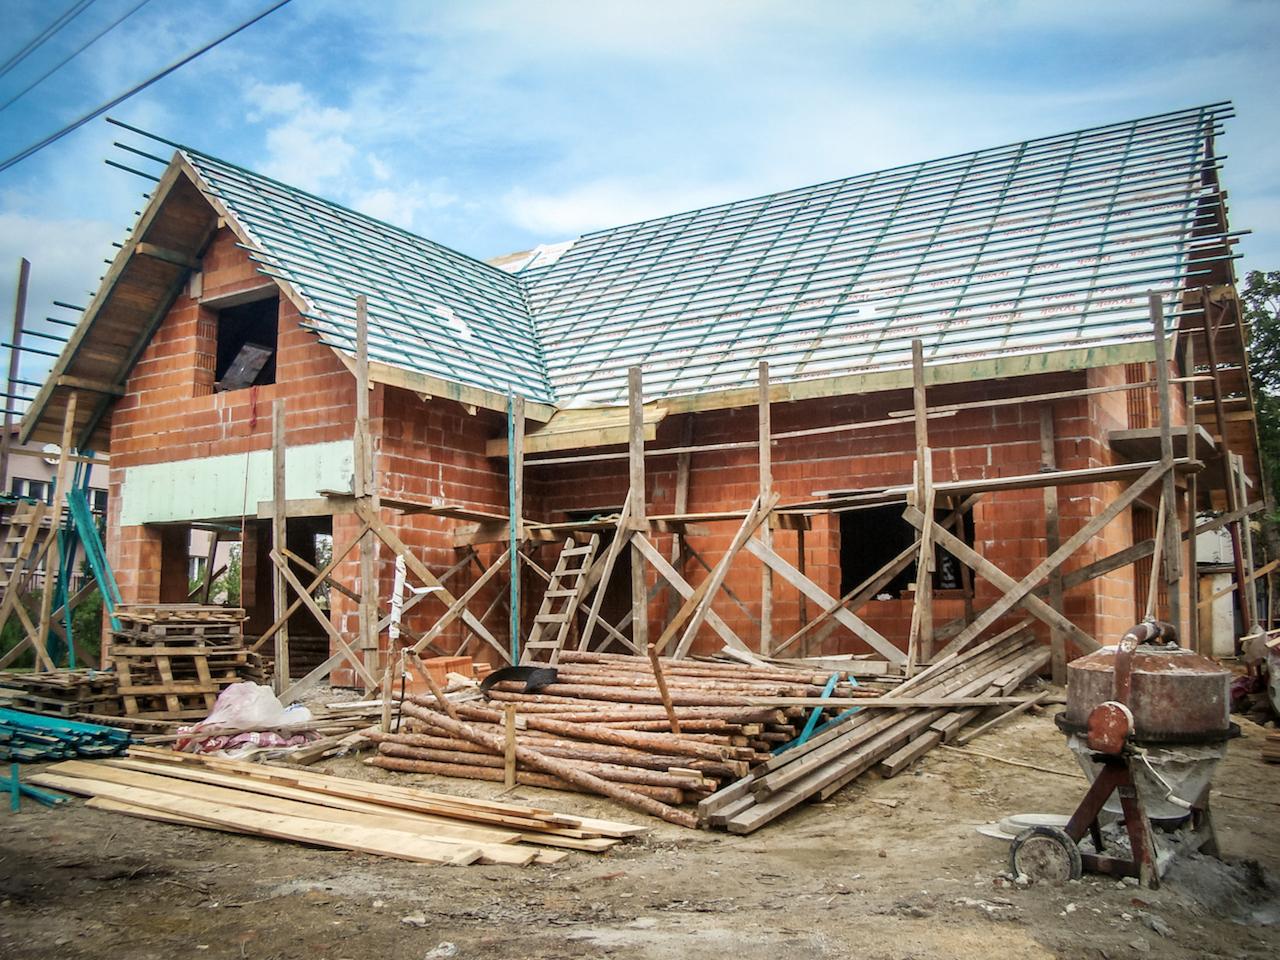 Суммарно стоимость строительства увеличилась на 40–60% в зависимости от типа дома